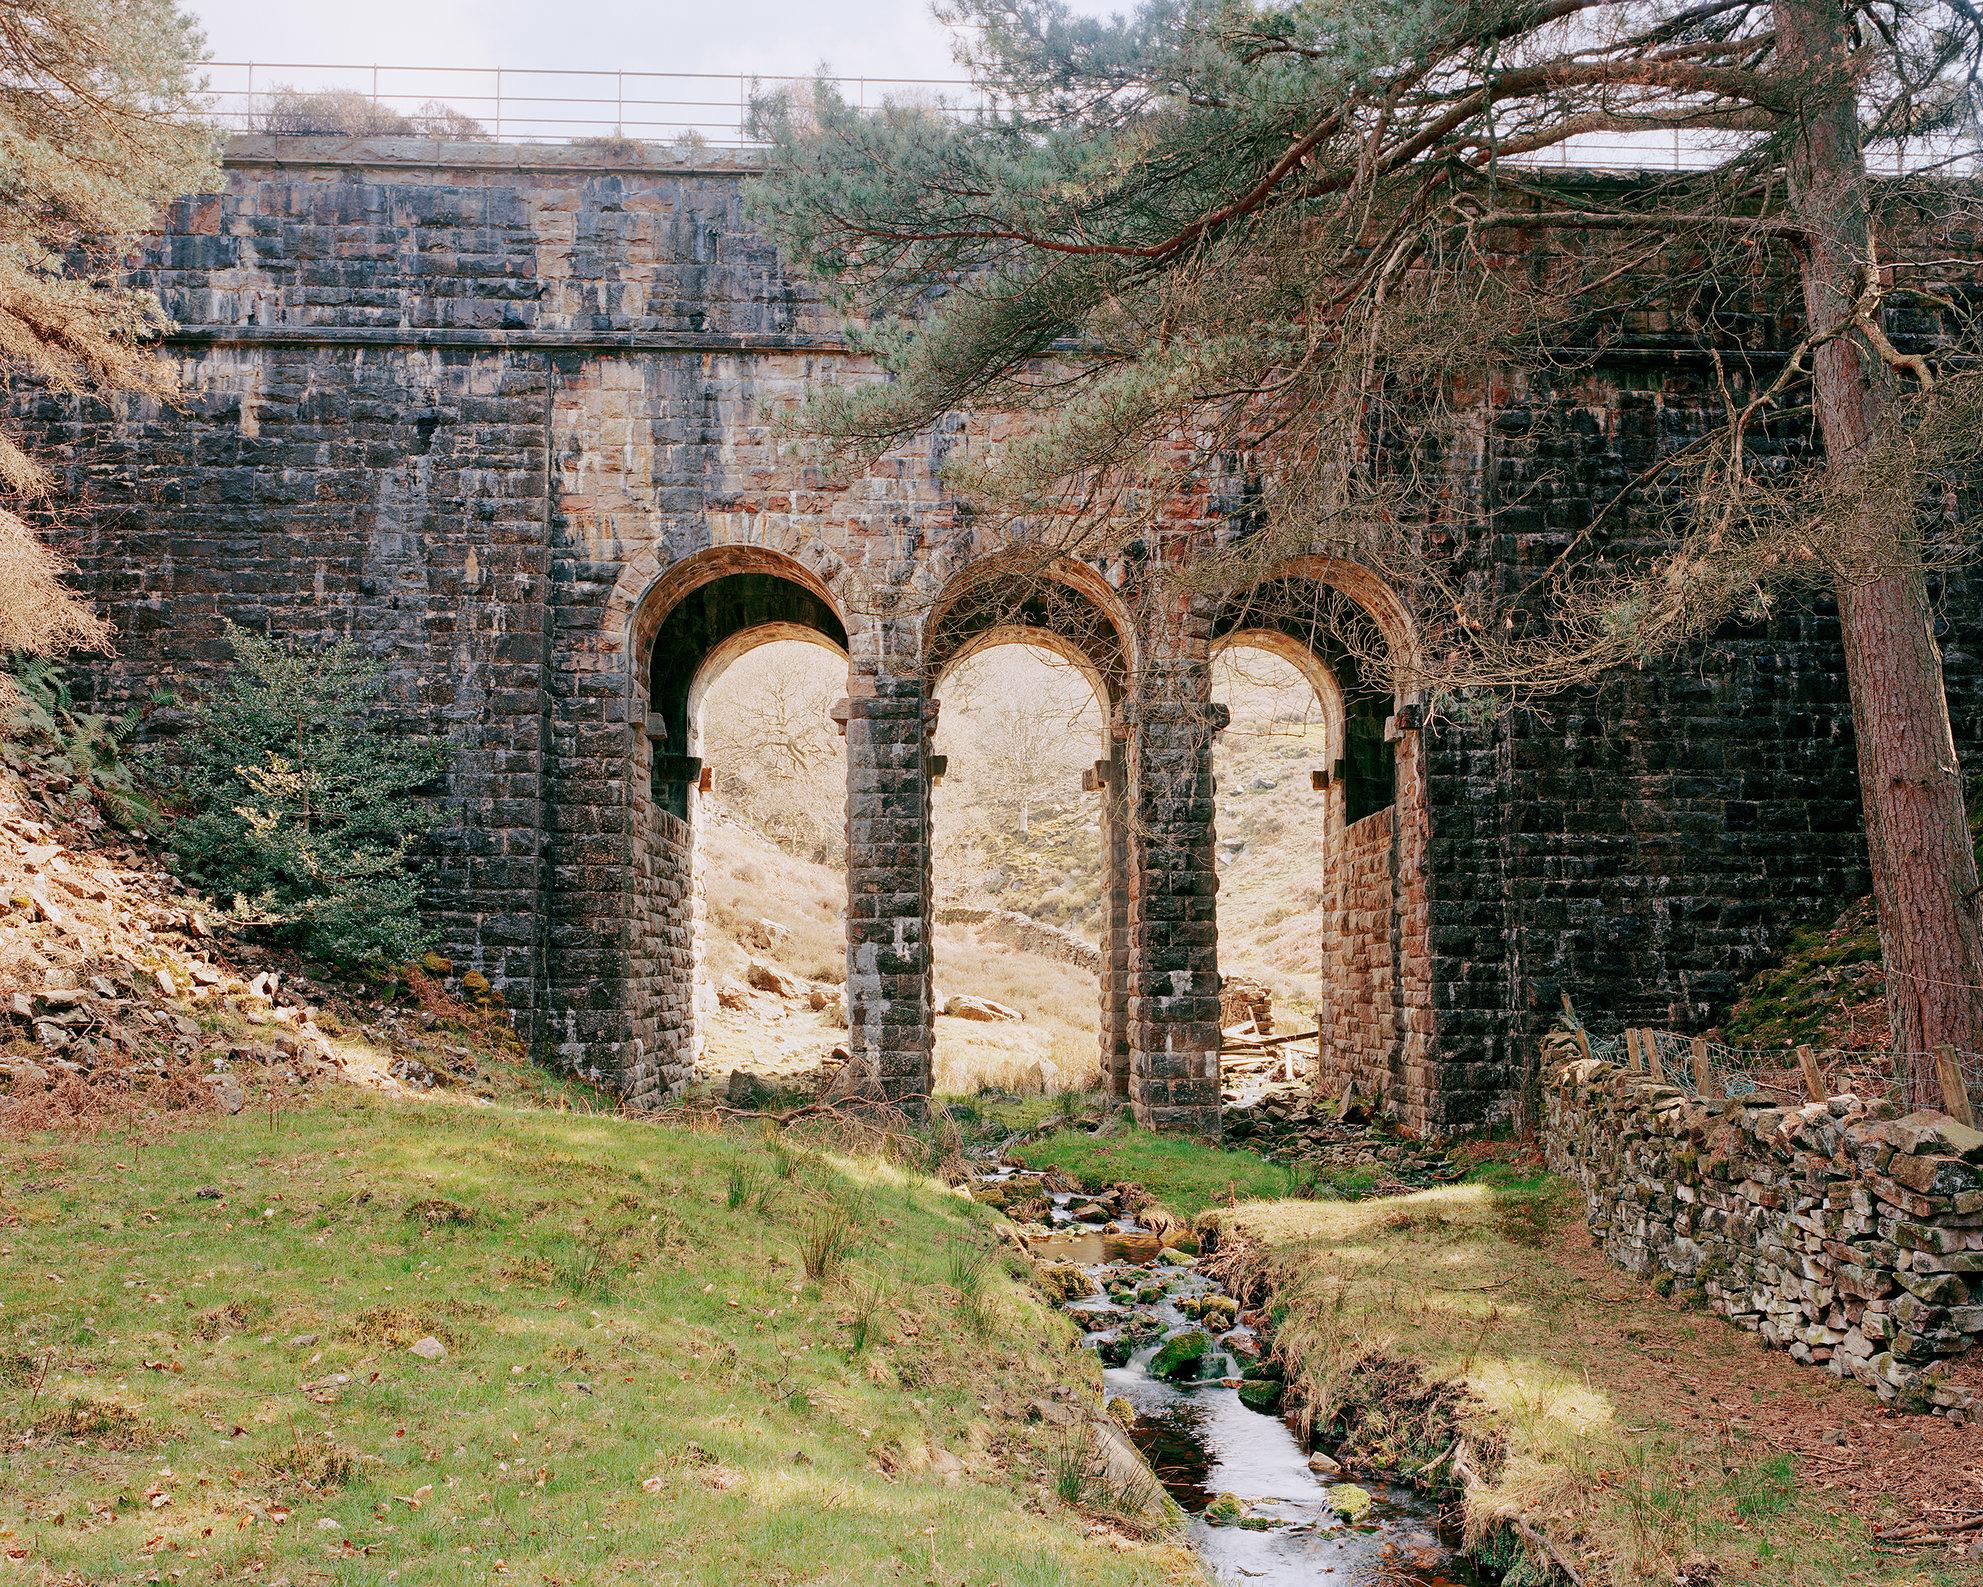 Conduit Bridge, Otter Gear, Lancashire